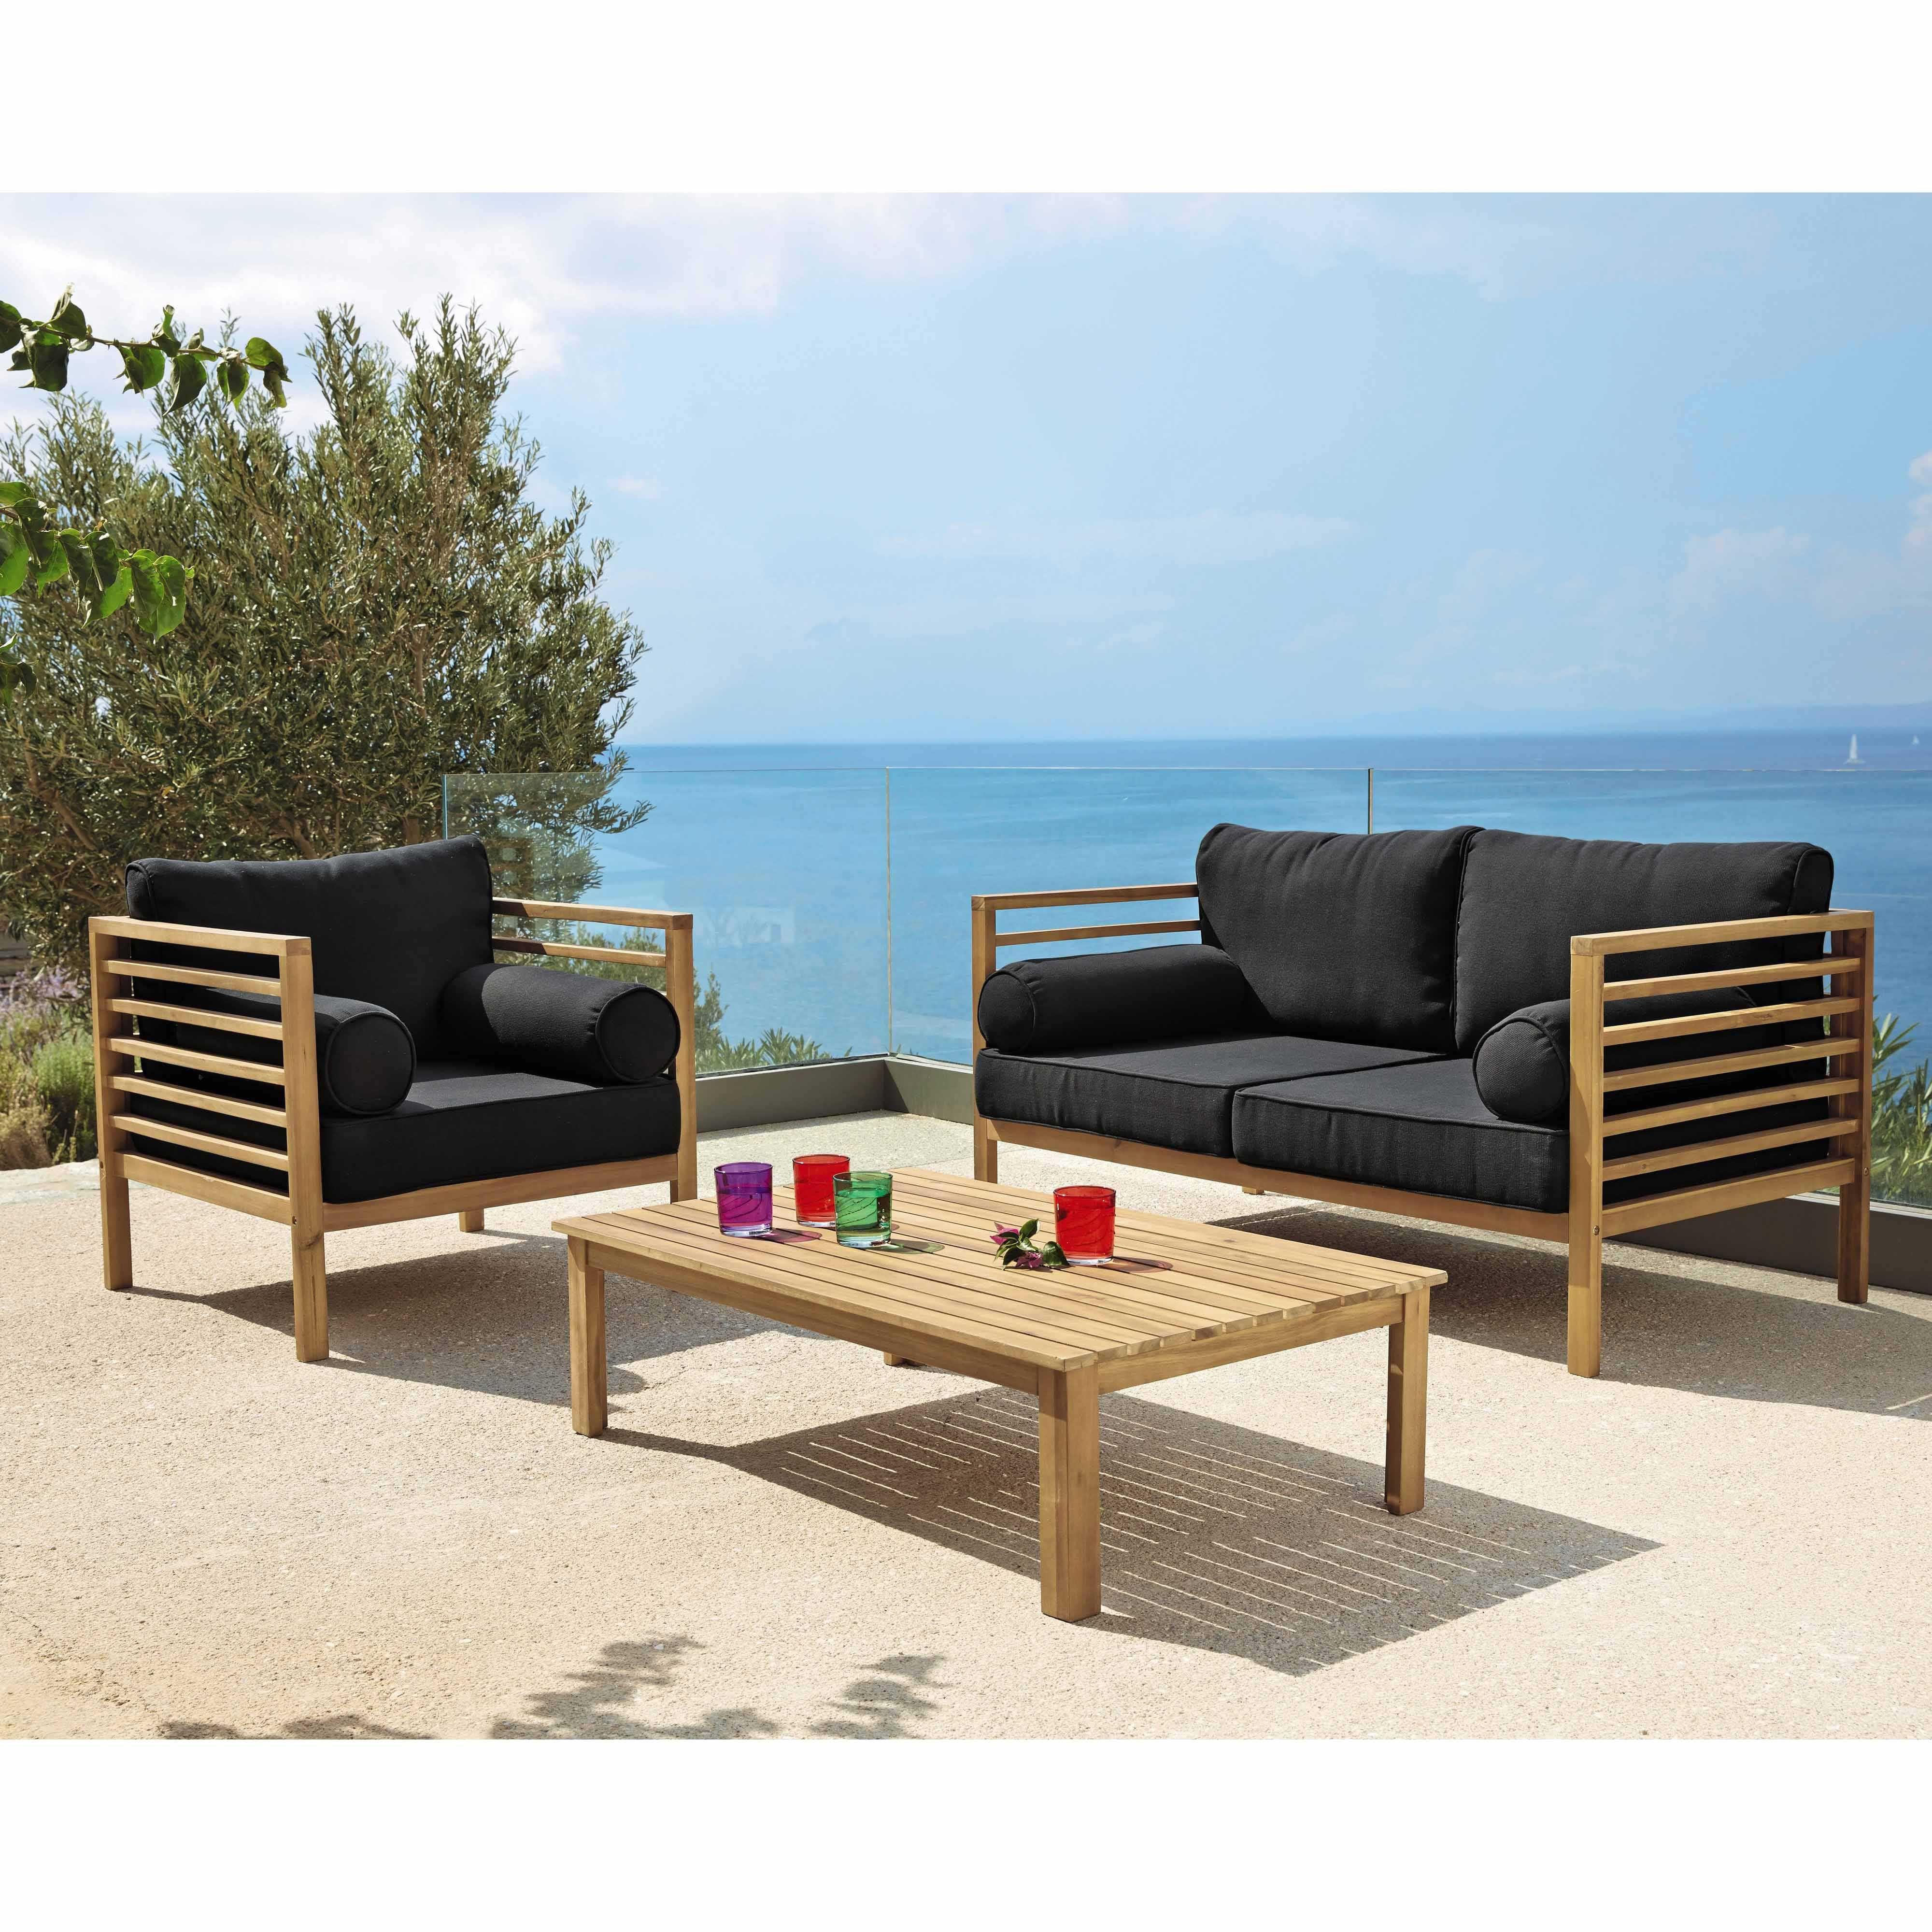 fauteuil de jardin en acacia finition teck et coussins noirs iliade maisons du monde garden. Black Bedroom Furniture Sets. Home Design Ideas